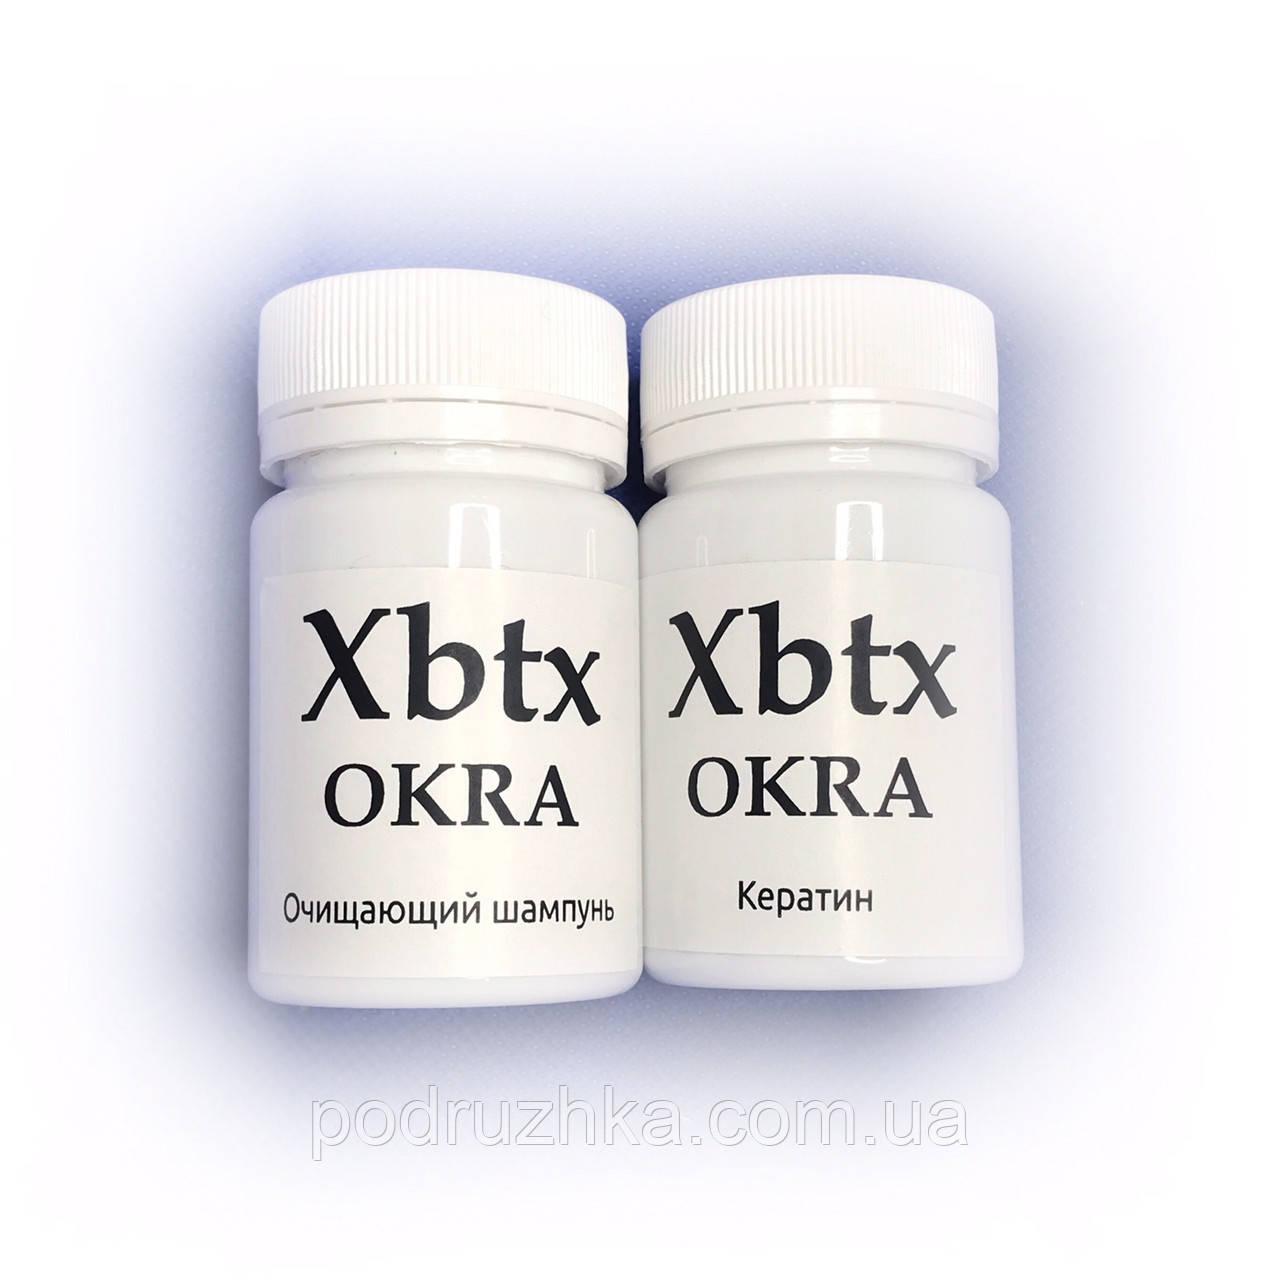 Набор для кератинового выпрямления волос Xbtx de Okra 2х200 г